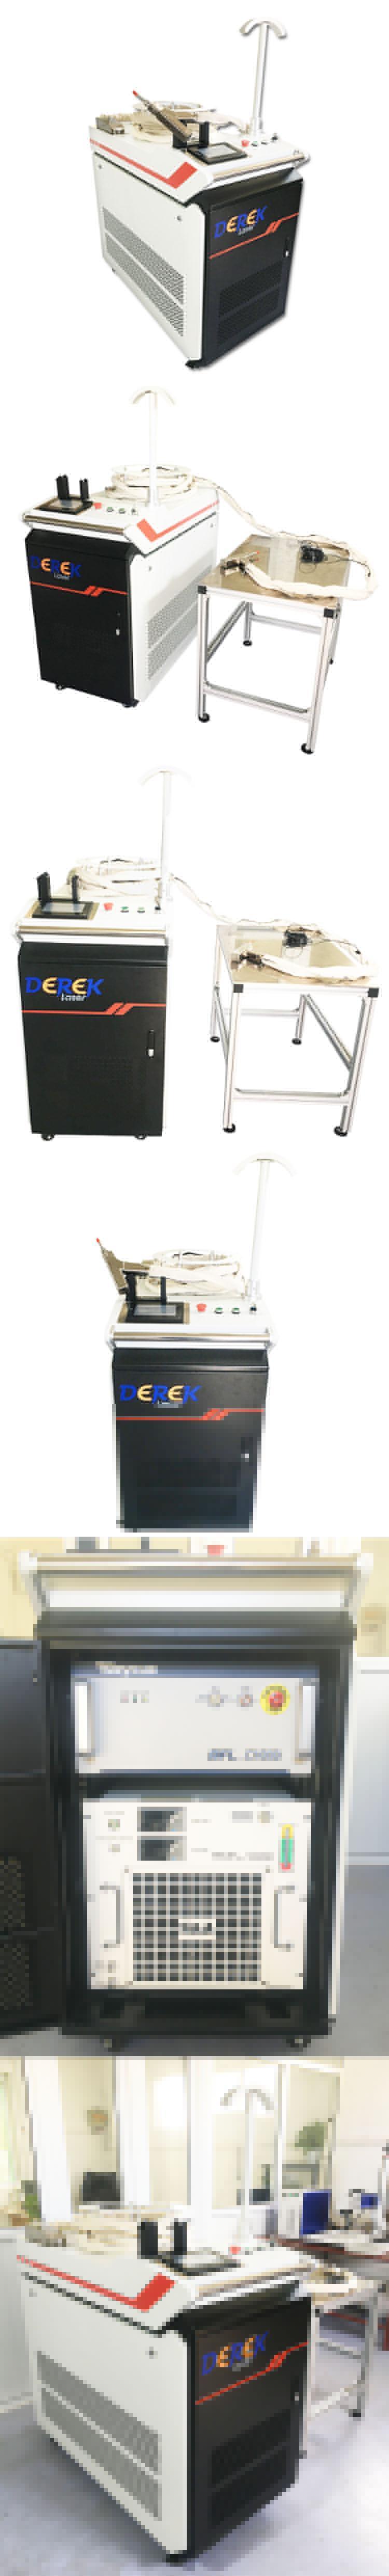 500W 750W 1000W มือถือลวด Feeding เลเซอร์เครื่องเชื่อมสแตนเลสแม่พิมพ์โลหะเชื่อม